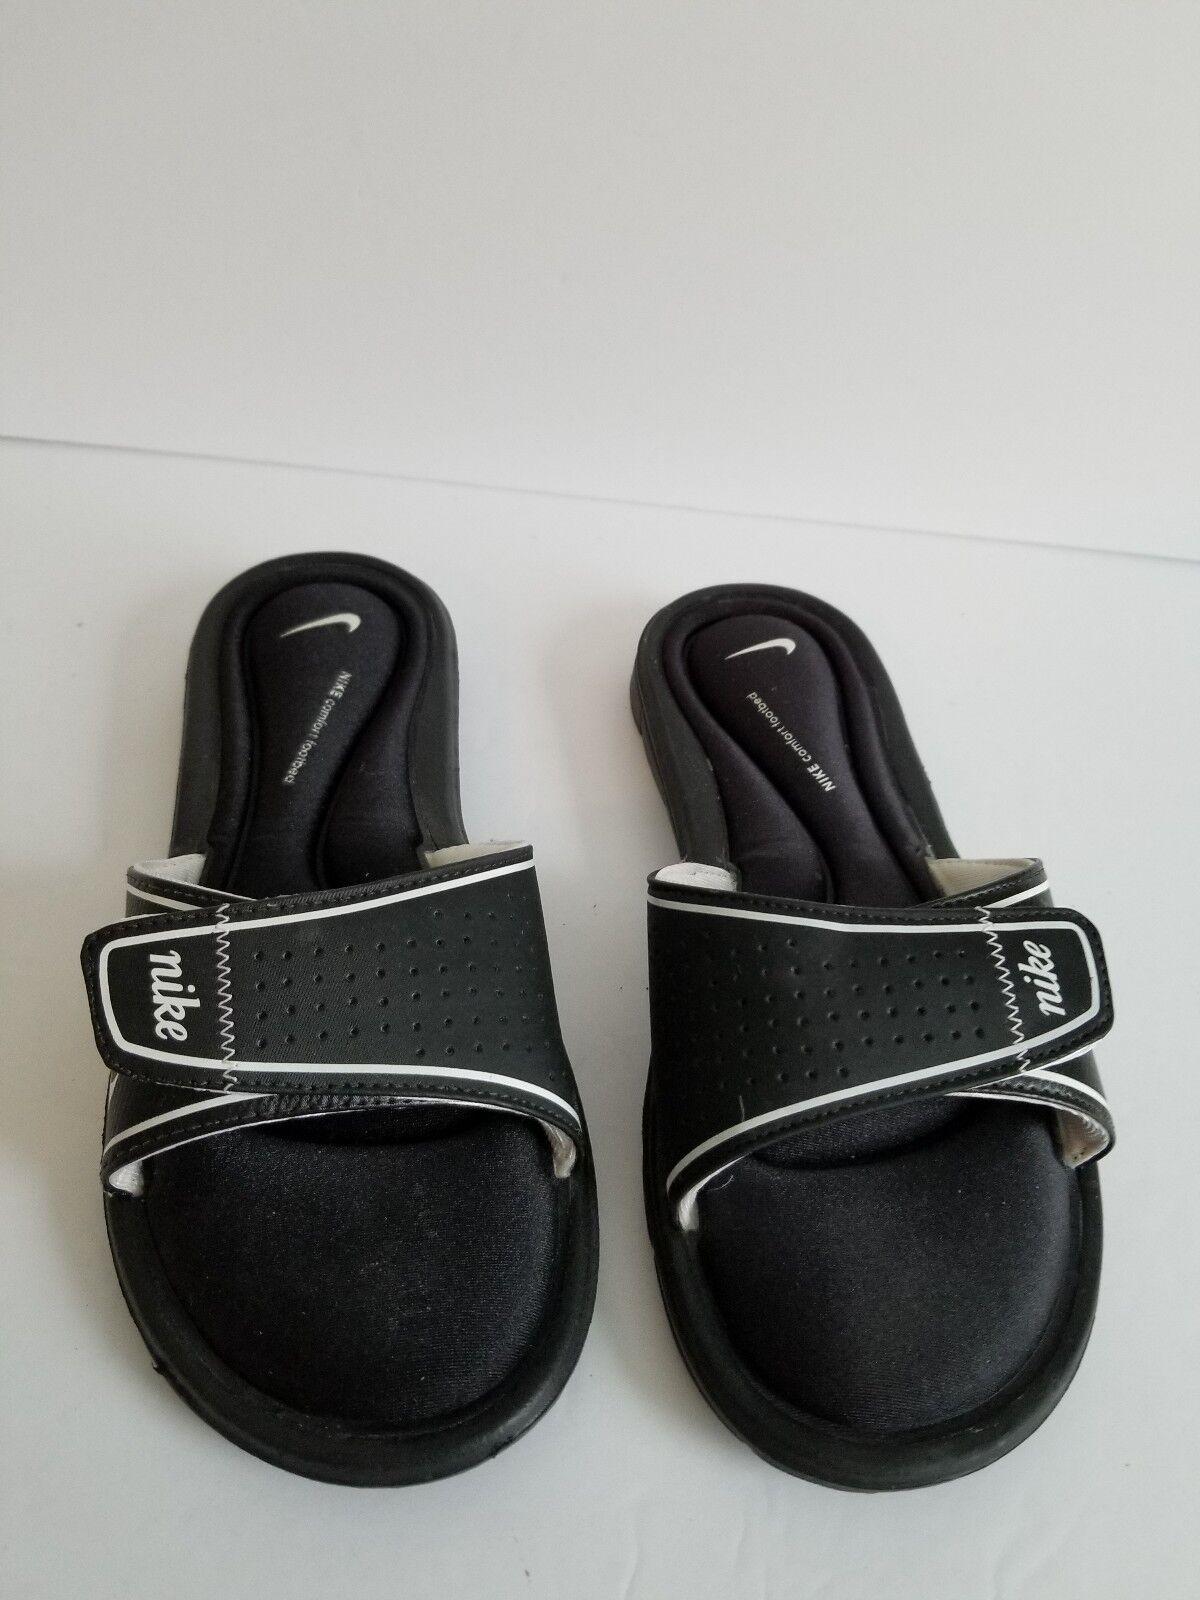 Nike conforto footbed sandles bianco e e e nero 8 | A Prezzo Ridotto  | Scolaro/Ragazze Scarpa  59e6b0